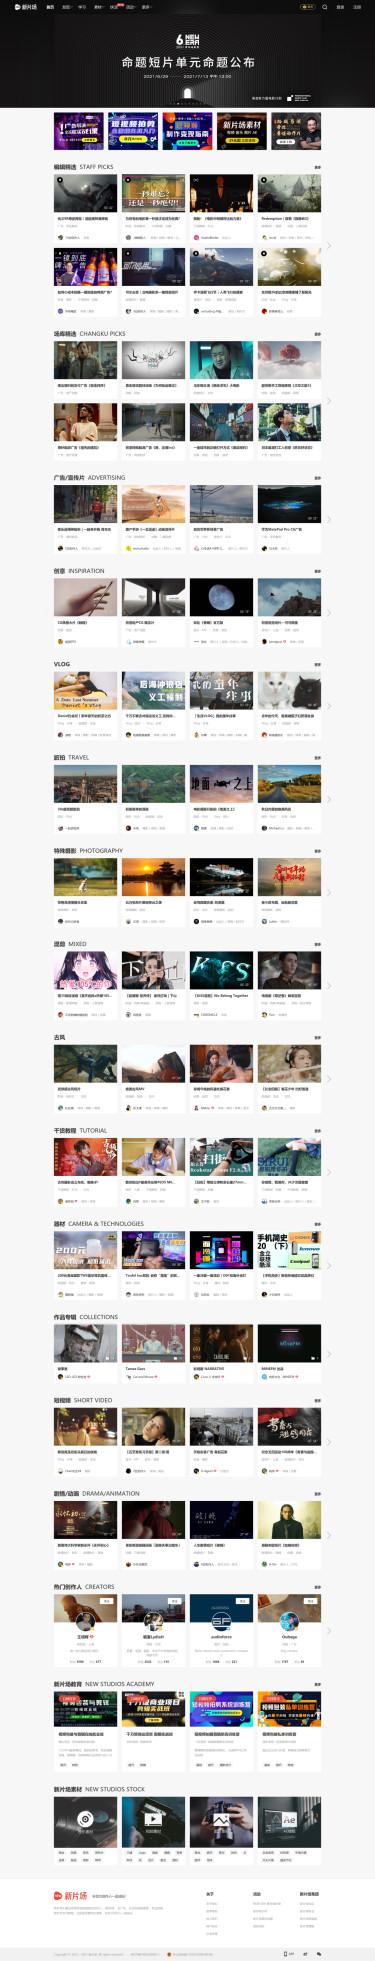 新片场 - 发现全球优质视频与创作人,与百万创作人一起成长